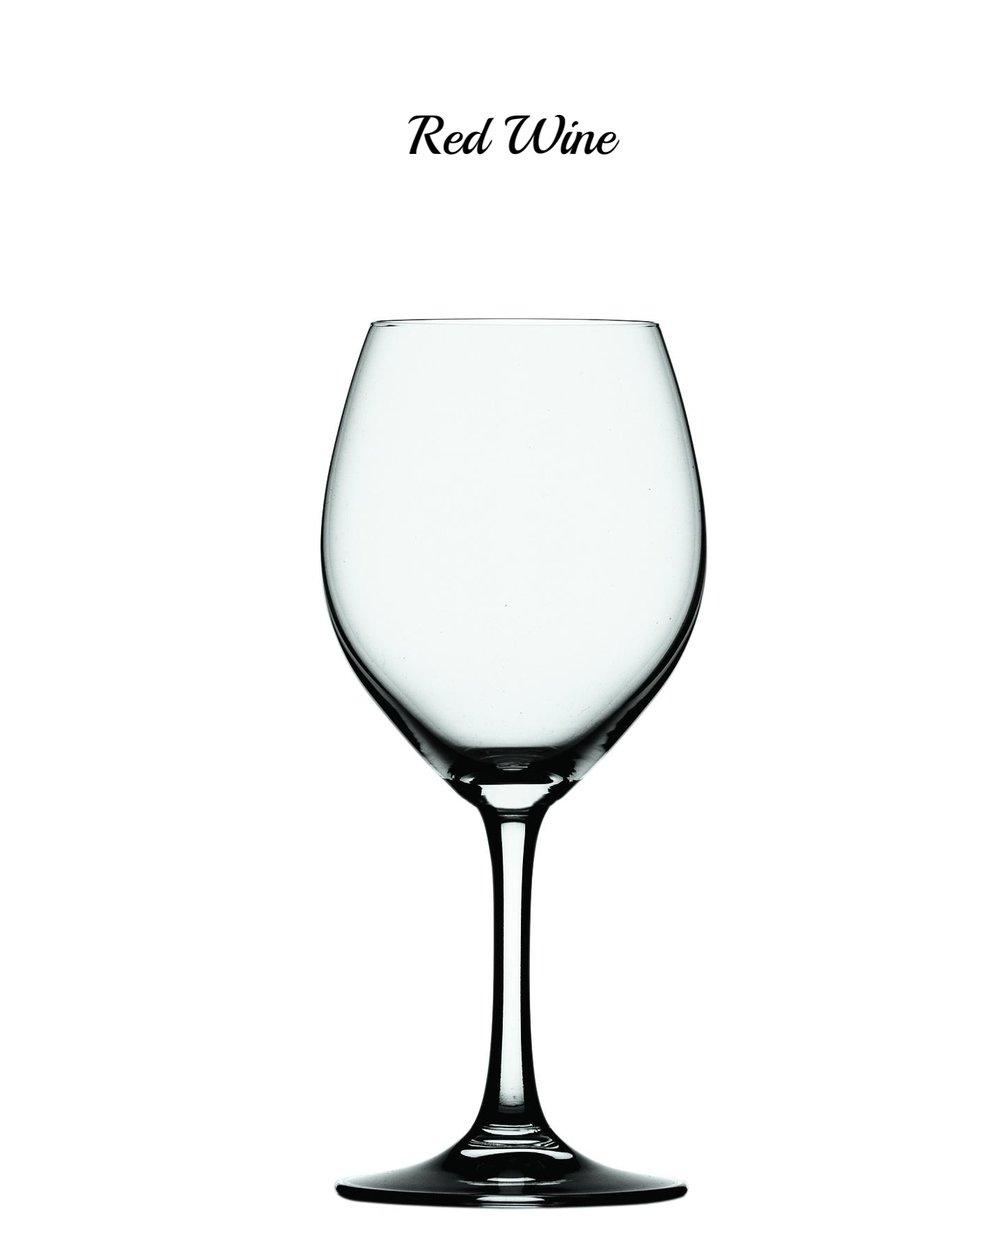 Festival Red Wine 4028001.jpg